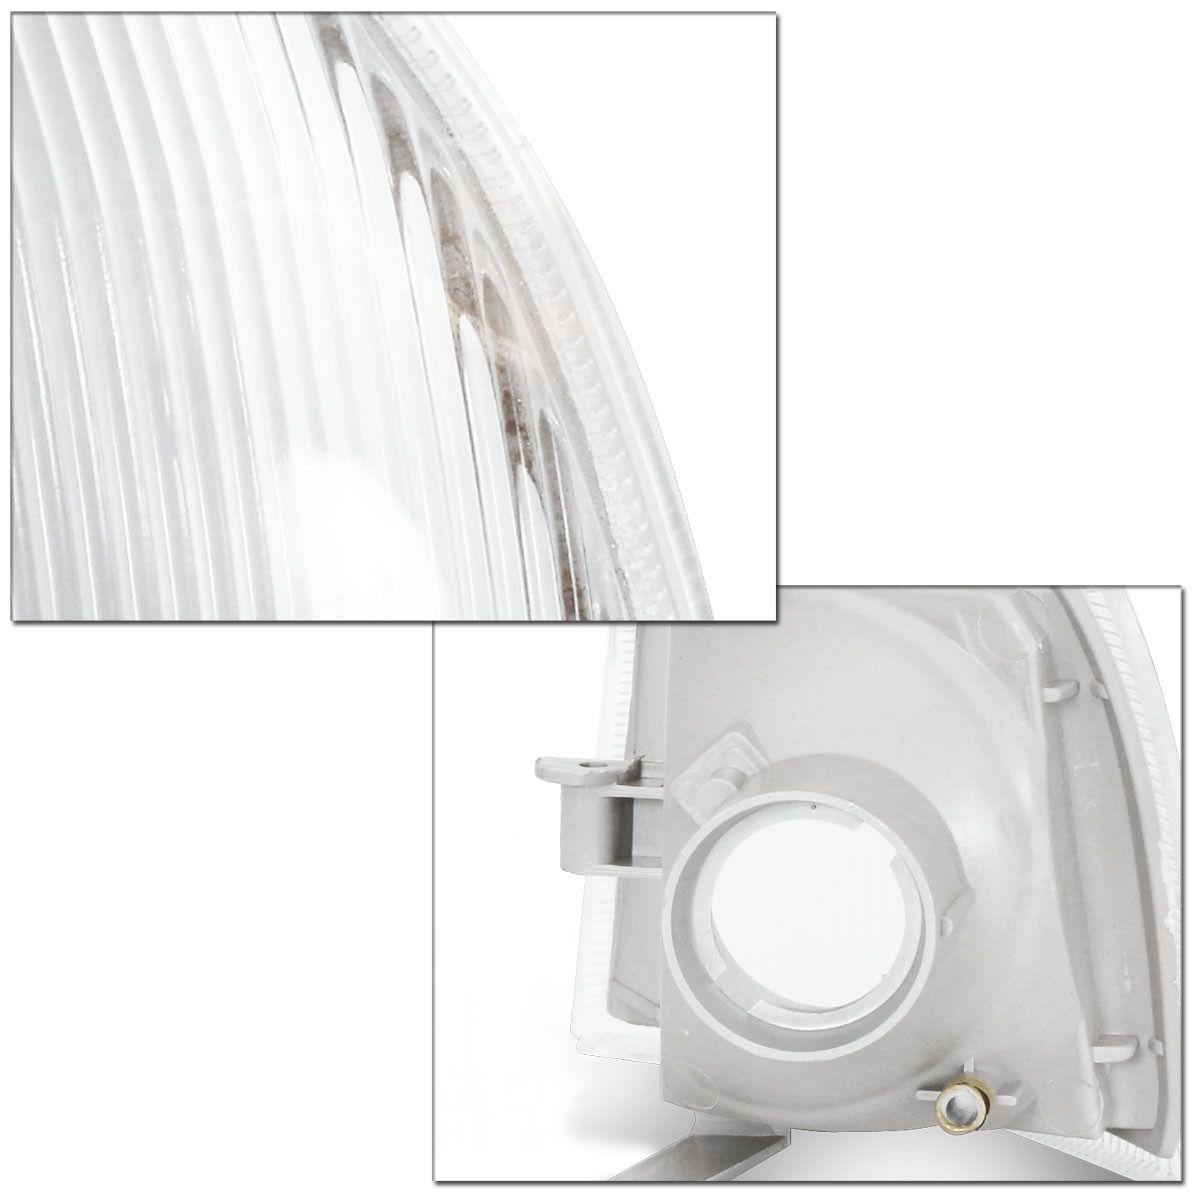 Lanterna Dianteira Pisca Seta Vectra 93 94 95 96 Cristal